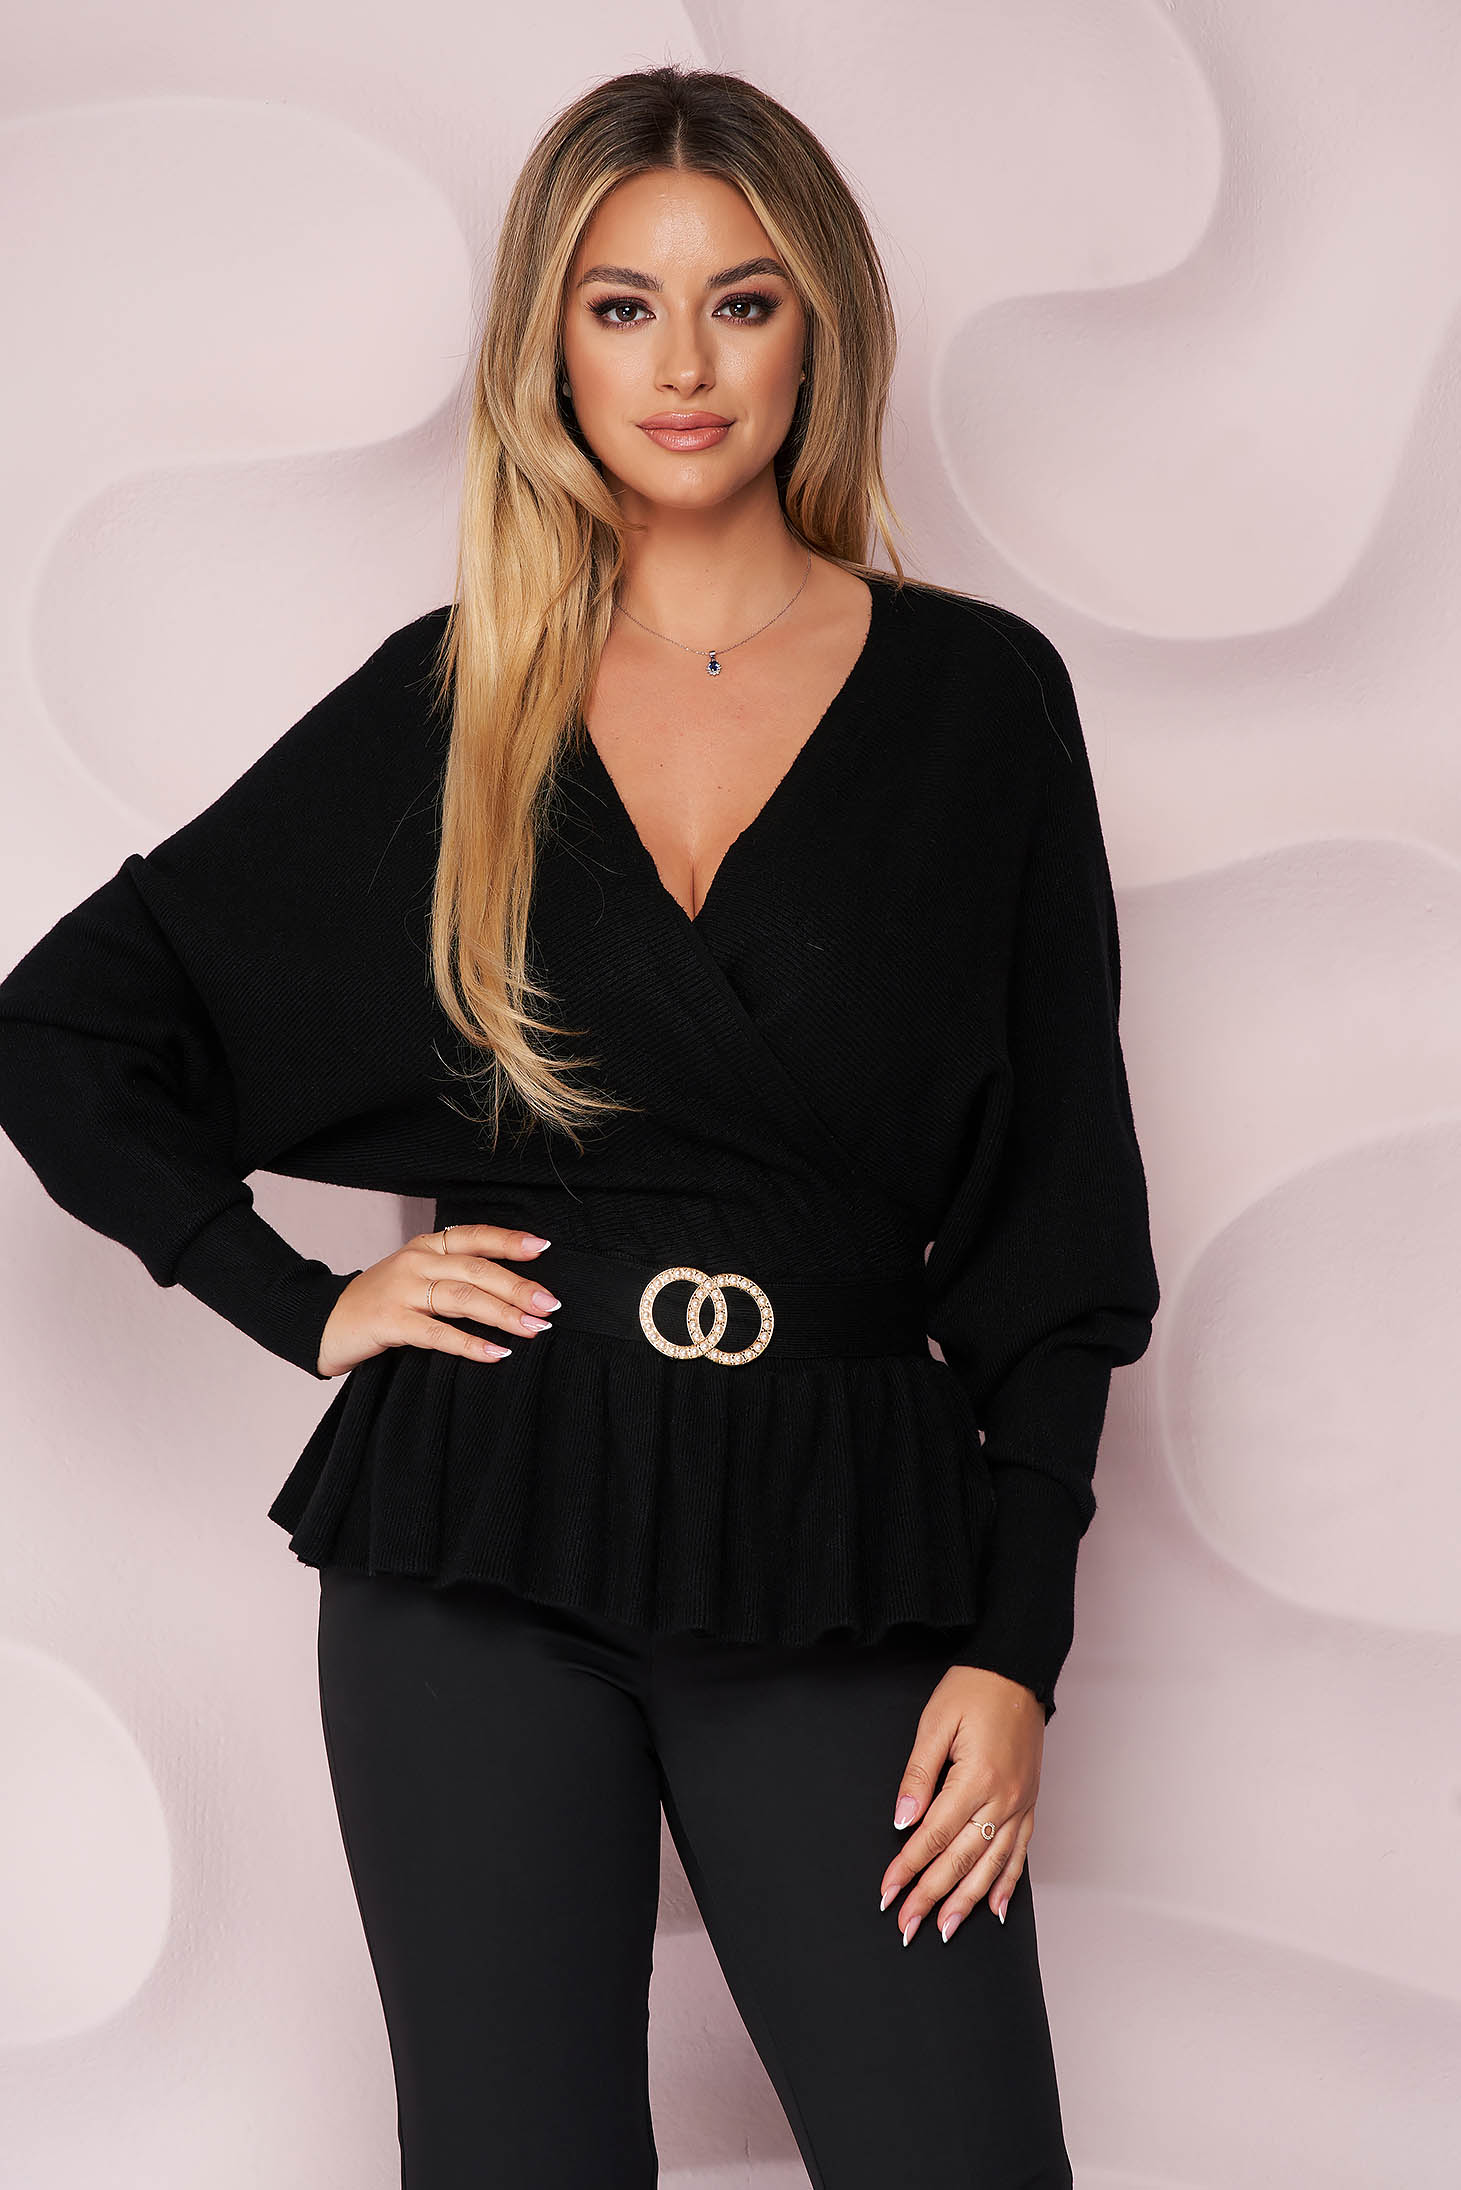 Bluza dama SunShine neagra office cu maneca lunga din material subtire tricotat accesorizata cu brosa si volanase la terminatie